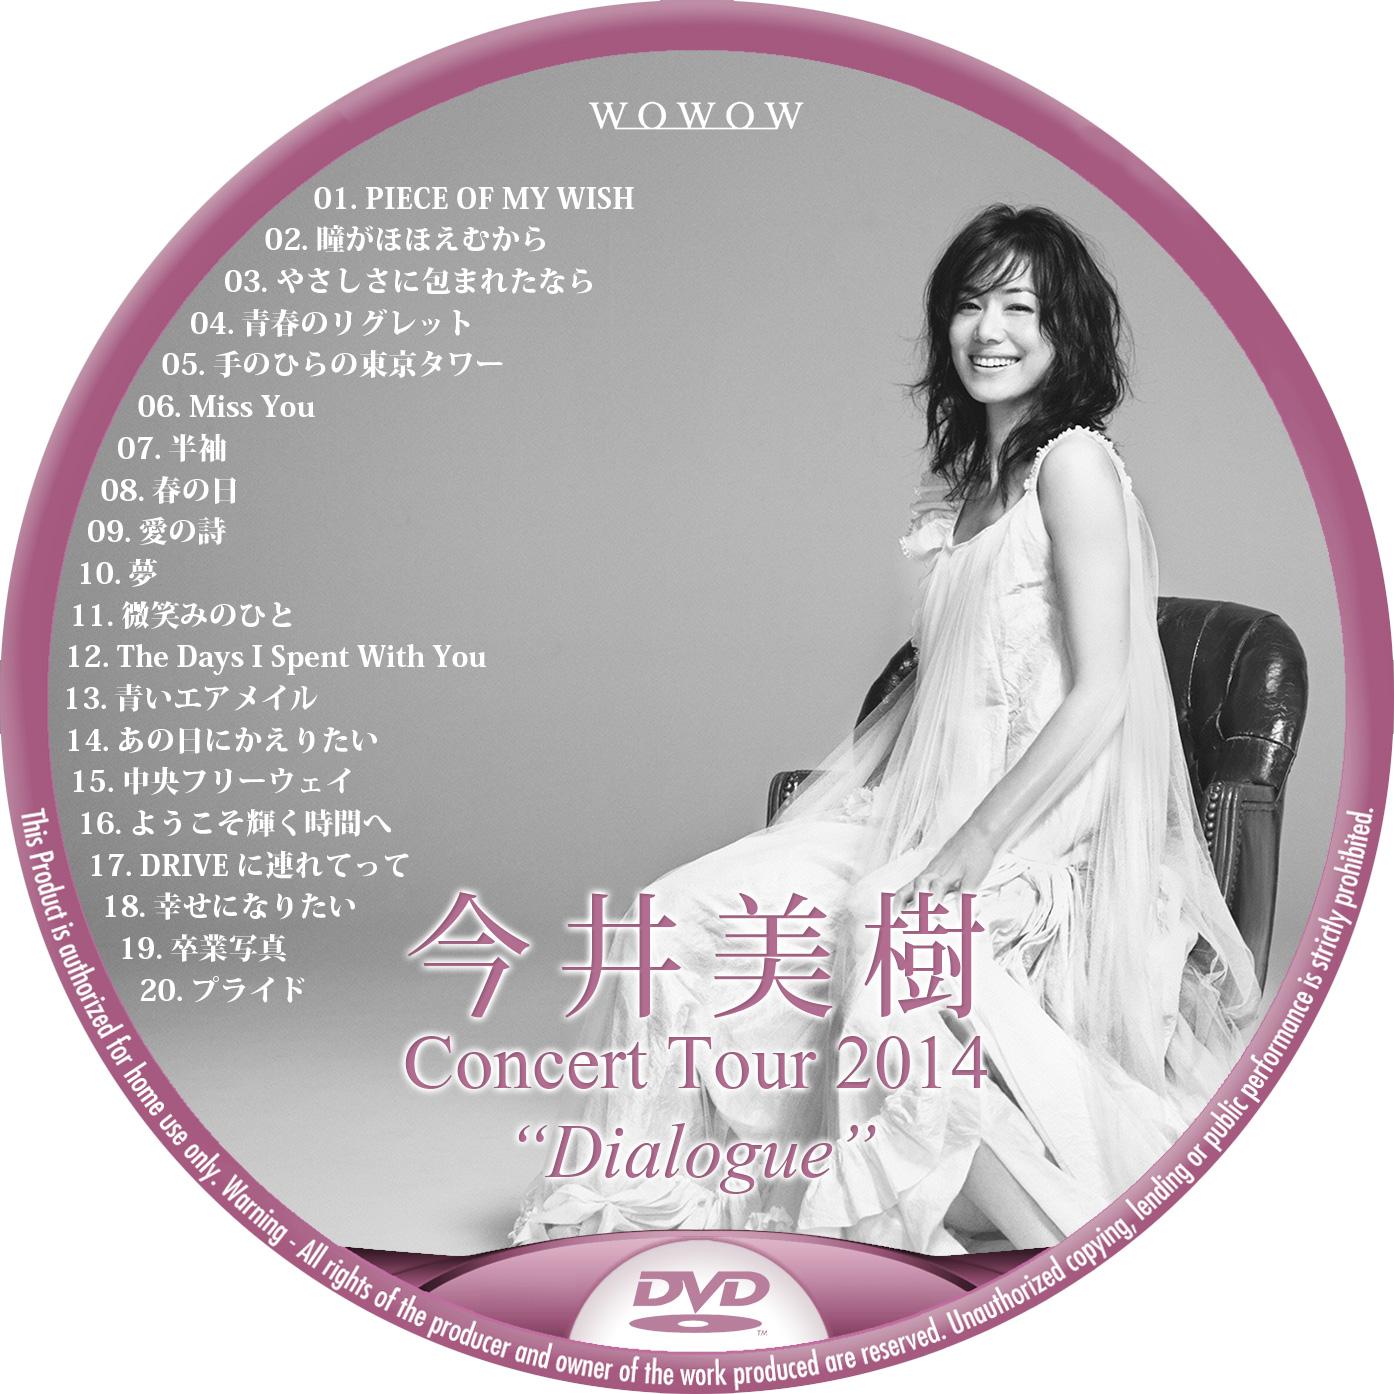 今井美樹 CONCERT TOUR 2014 Dialogue DVDラベル